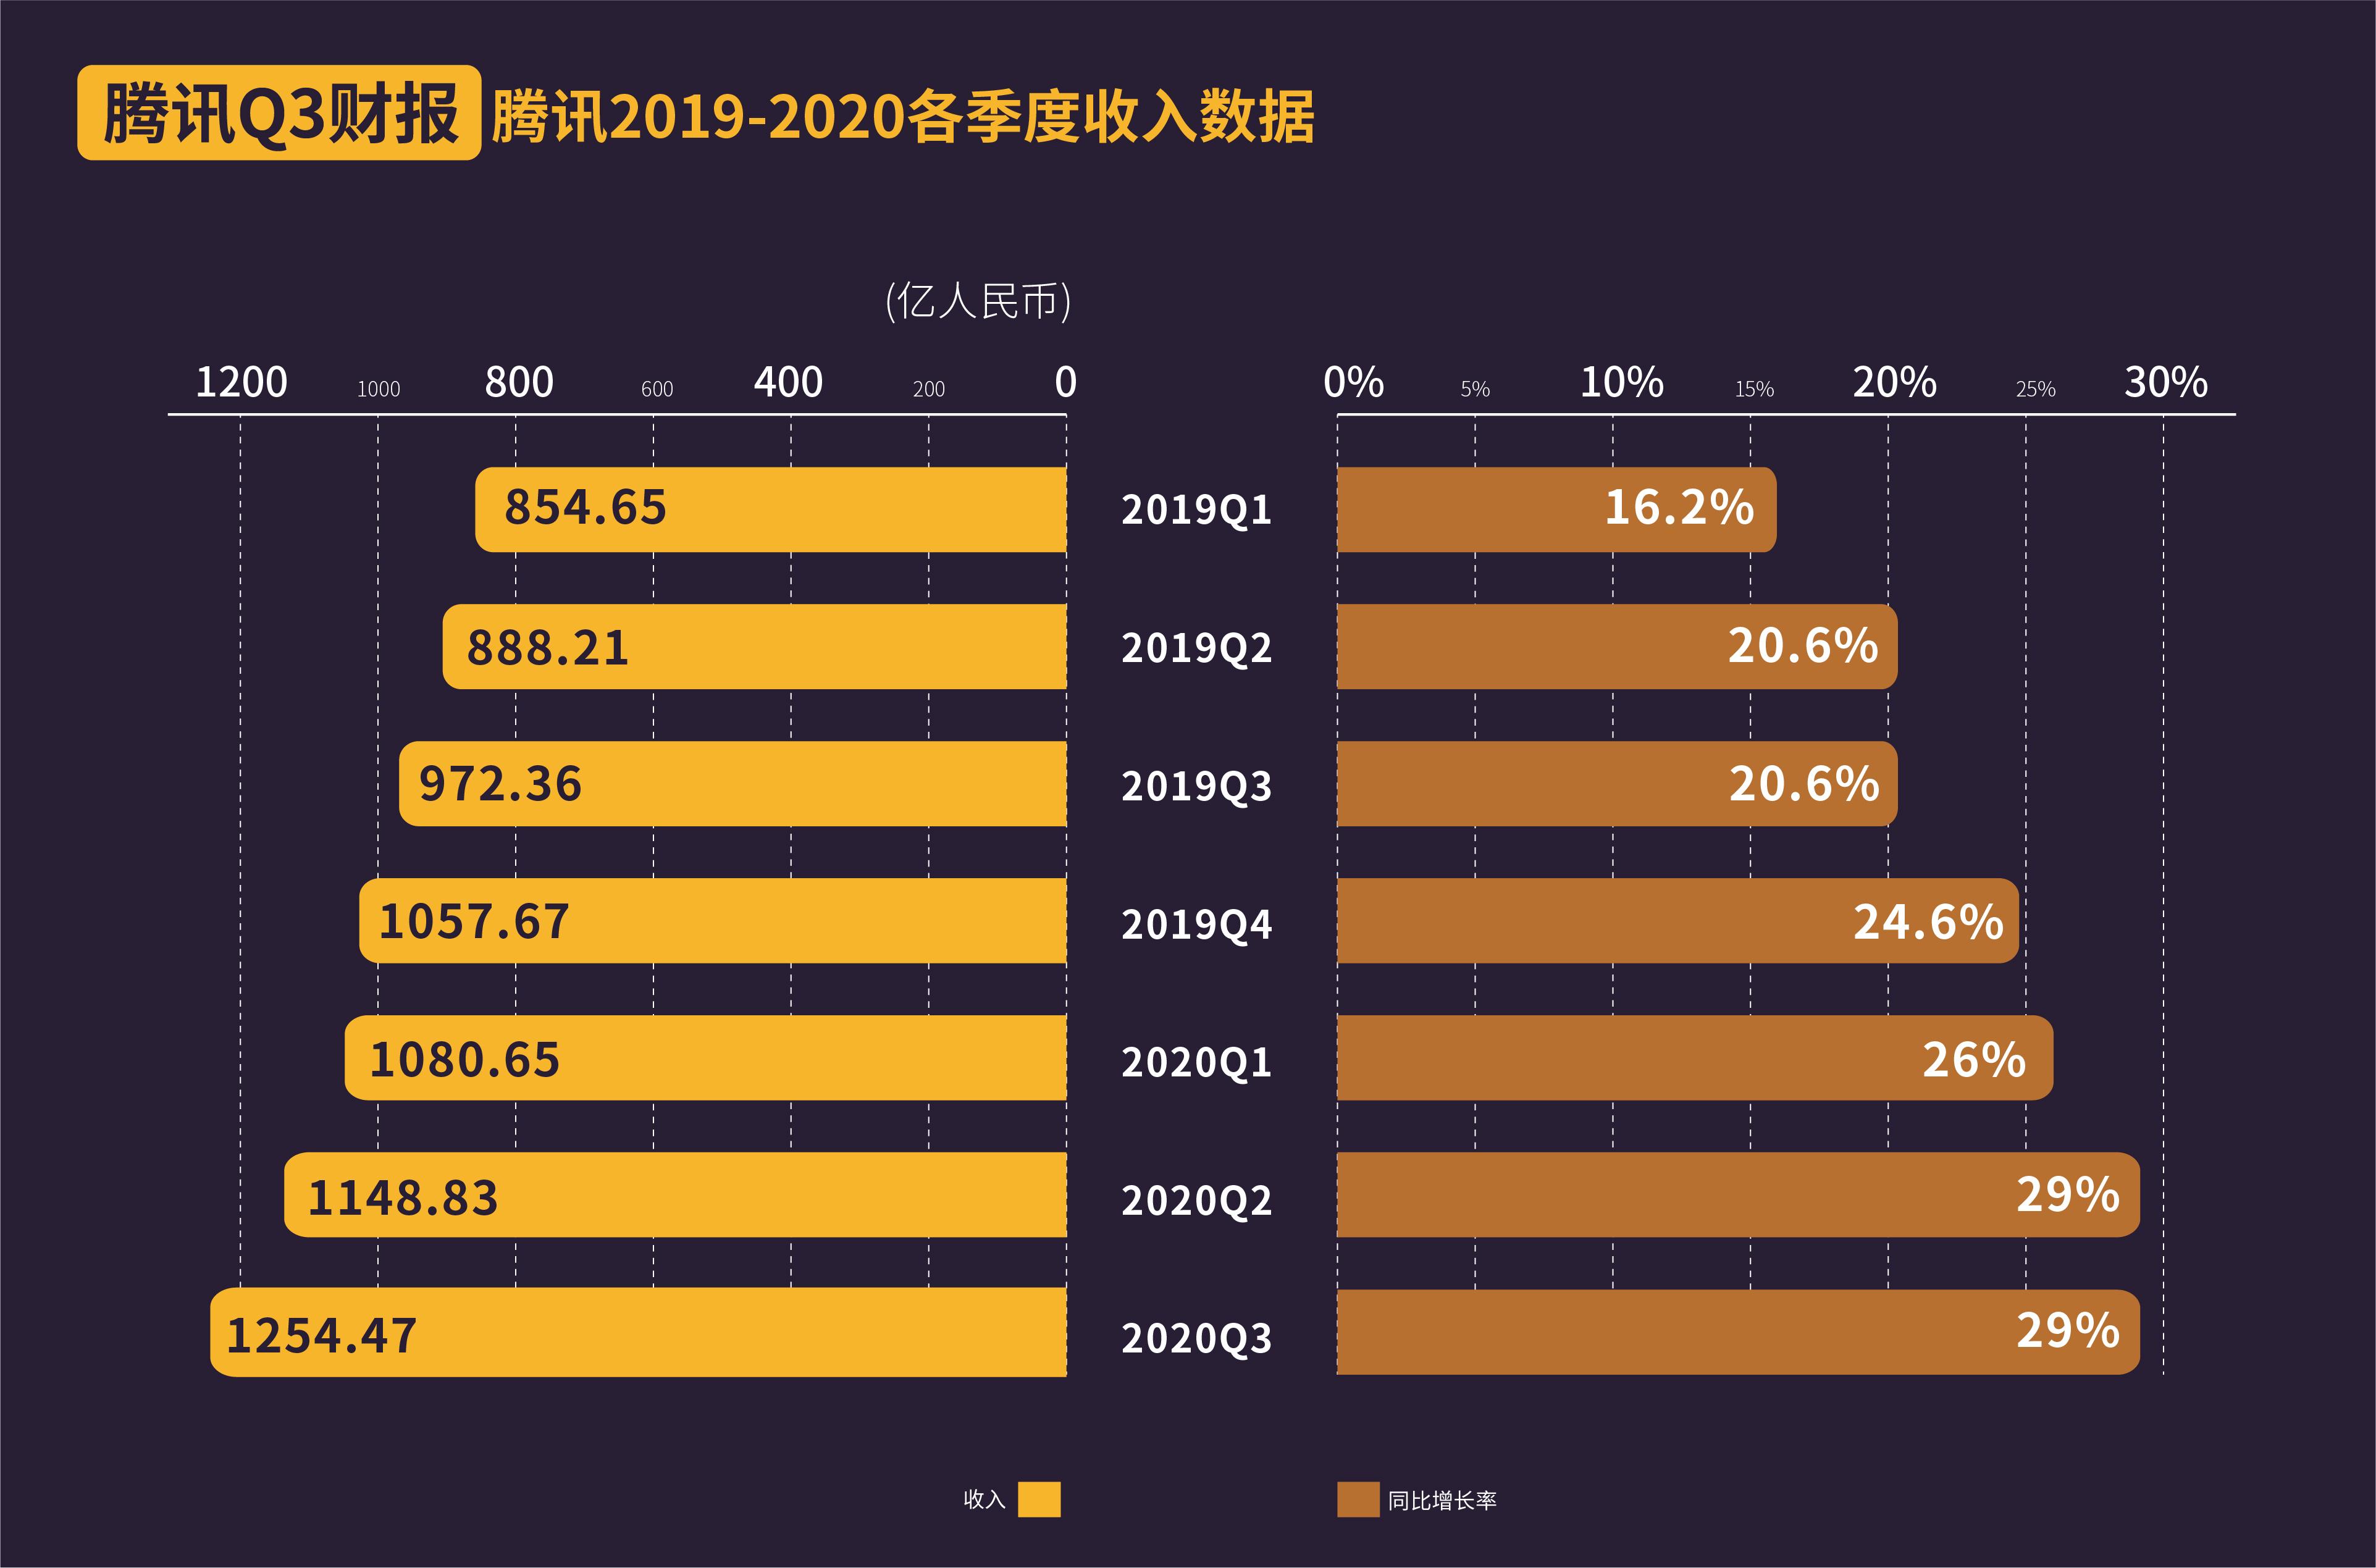 腾讯三季度净利同比涨32%至323亿元,网游收入增45%